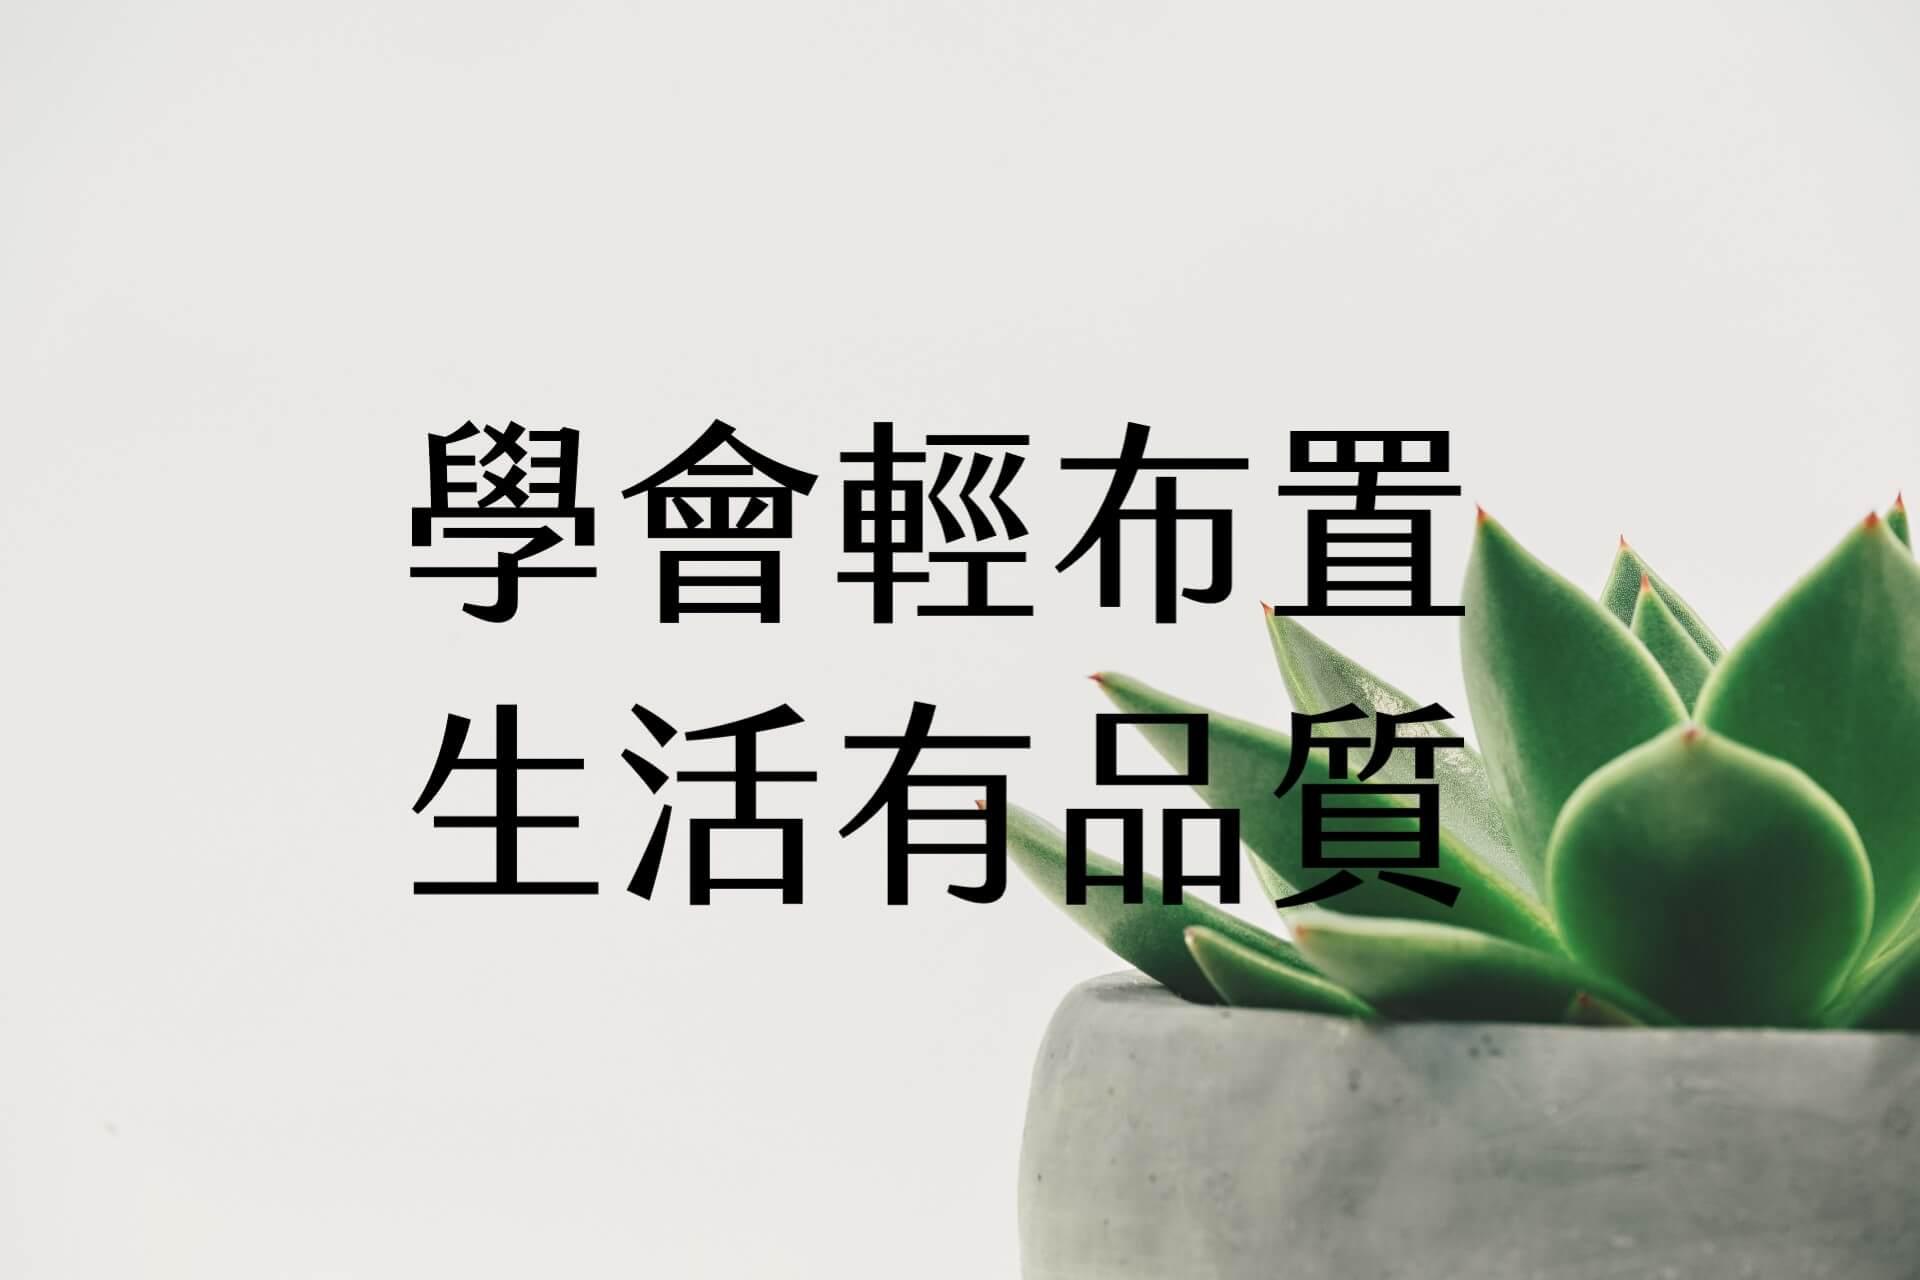 【輕佈置心得】學會輕布置,生活有品質 1